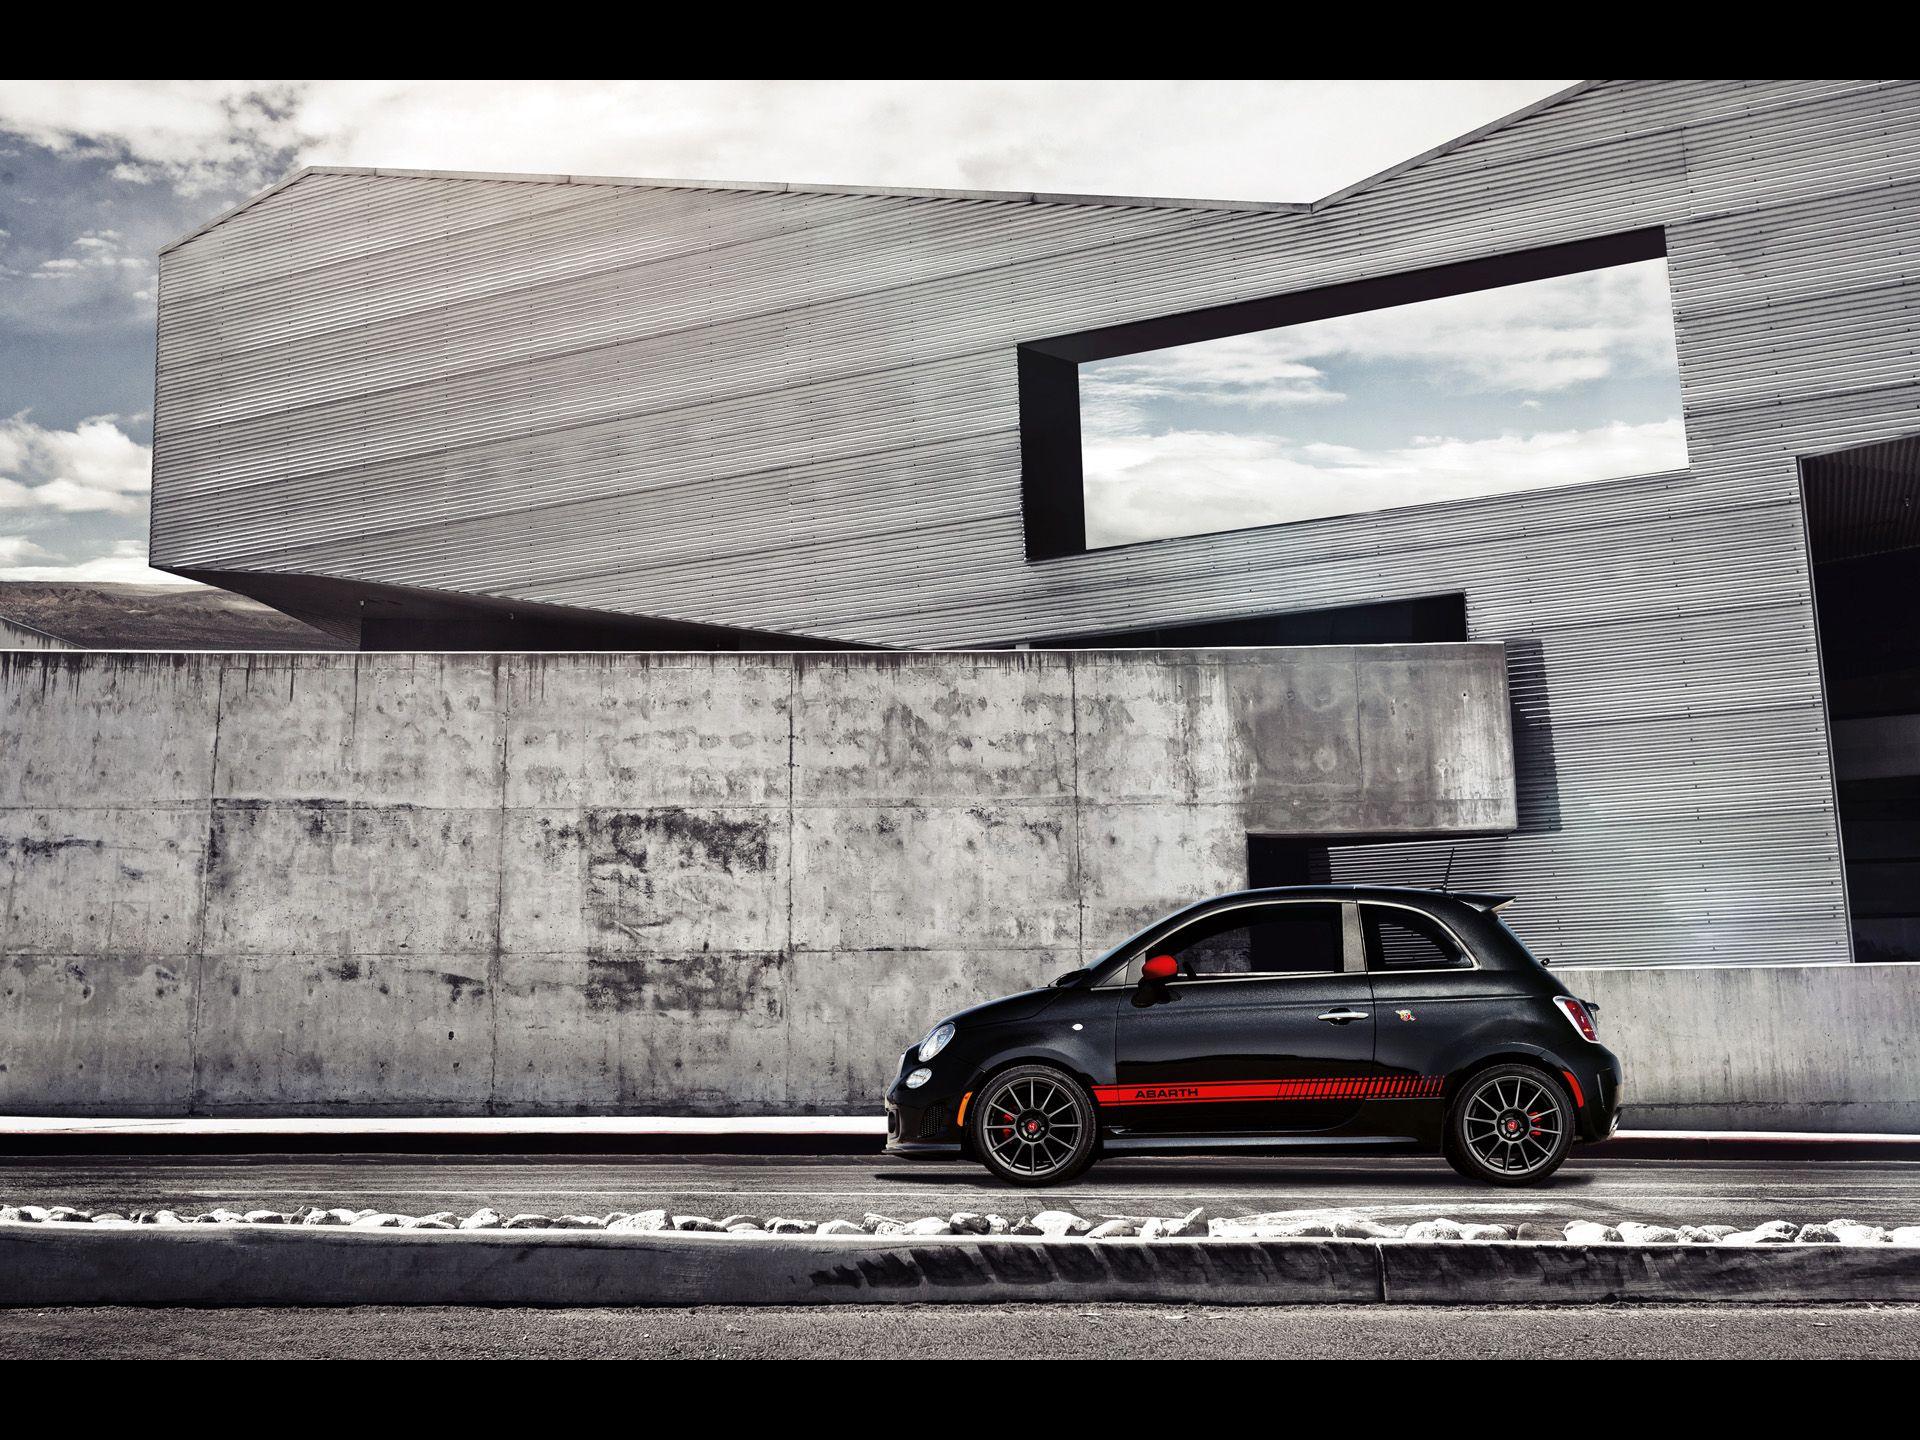 Fiat 500 Abarth Wallpaper 3 アバルト